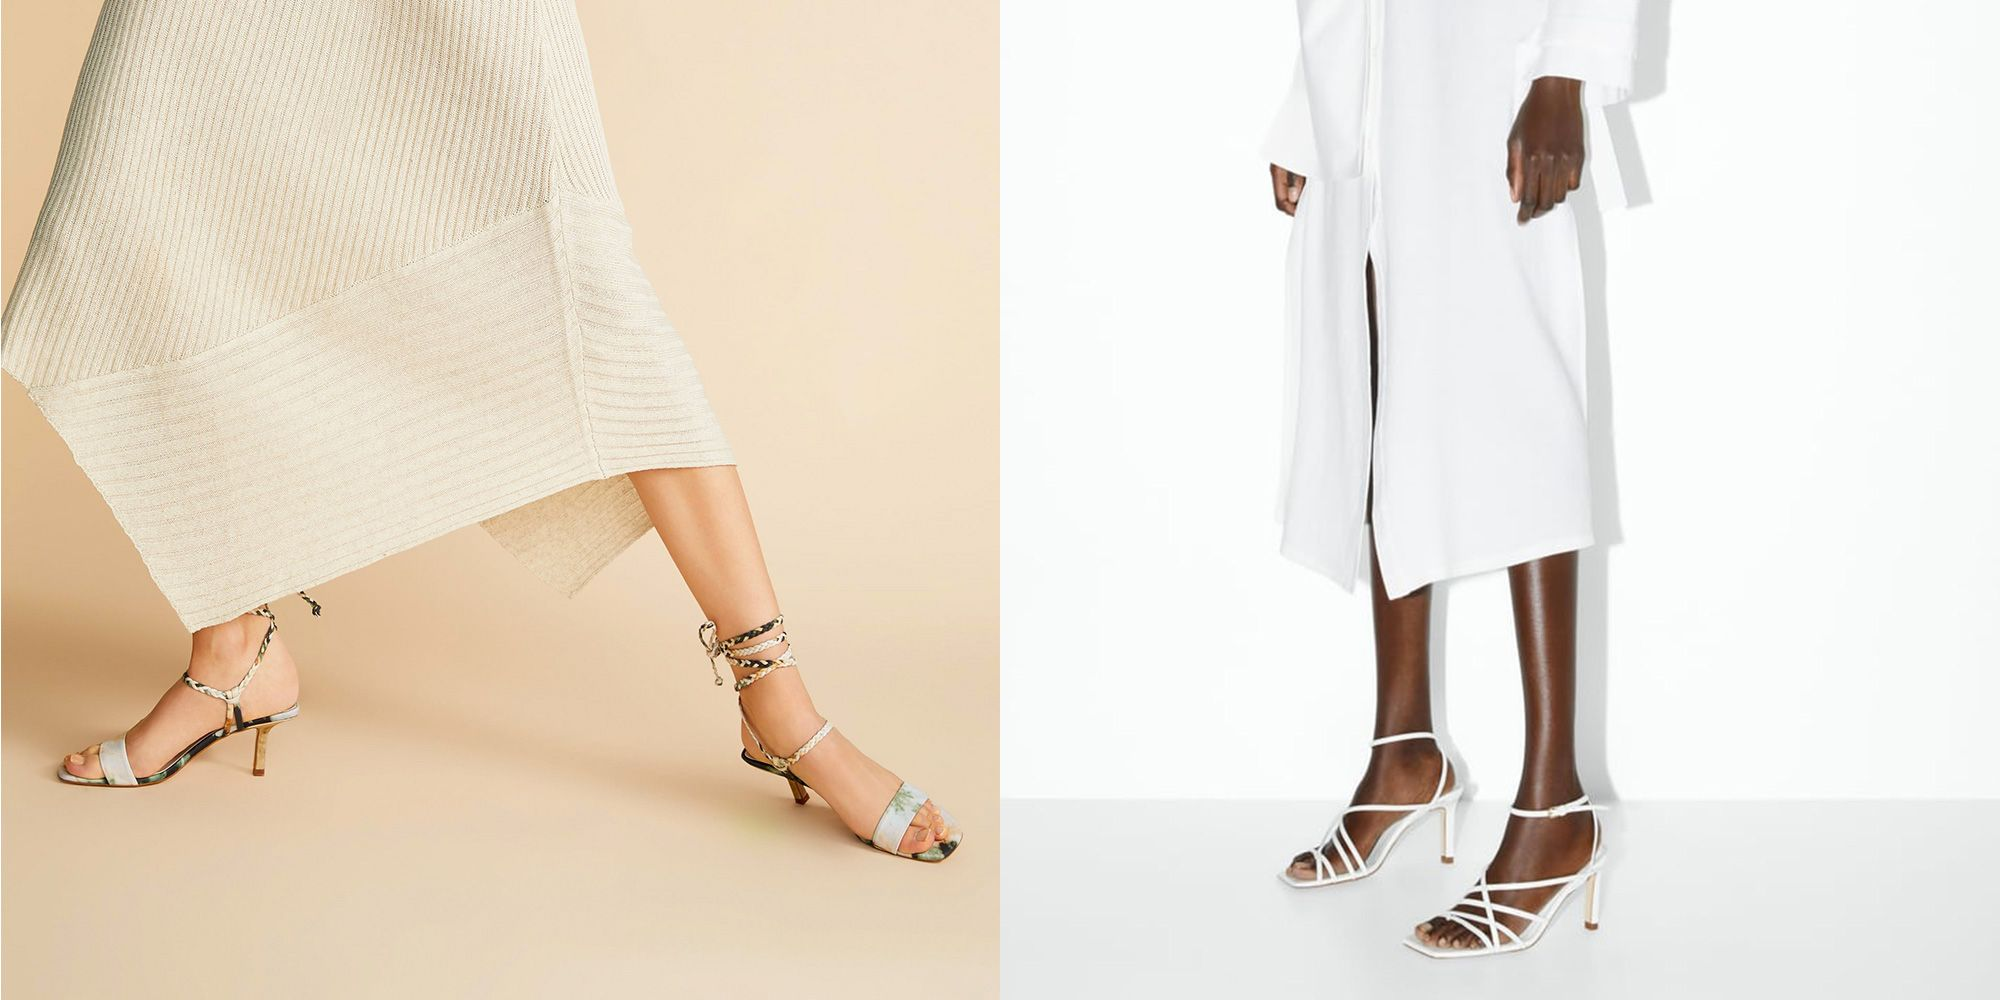 Saldi 201910 Moda Nuovi Zara Scarpe Arrivi Sandali E Tra Wqbrdcoxe cRS3A5Lq4j